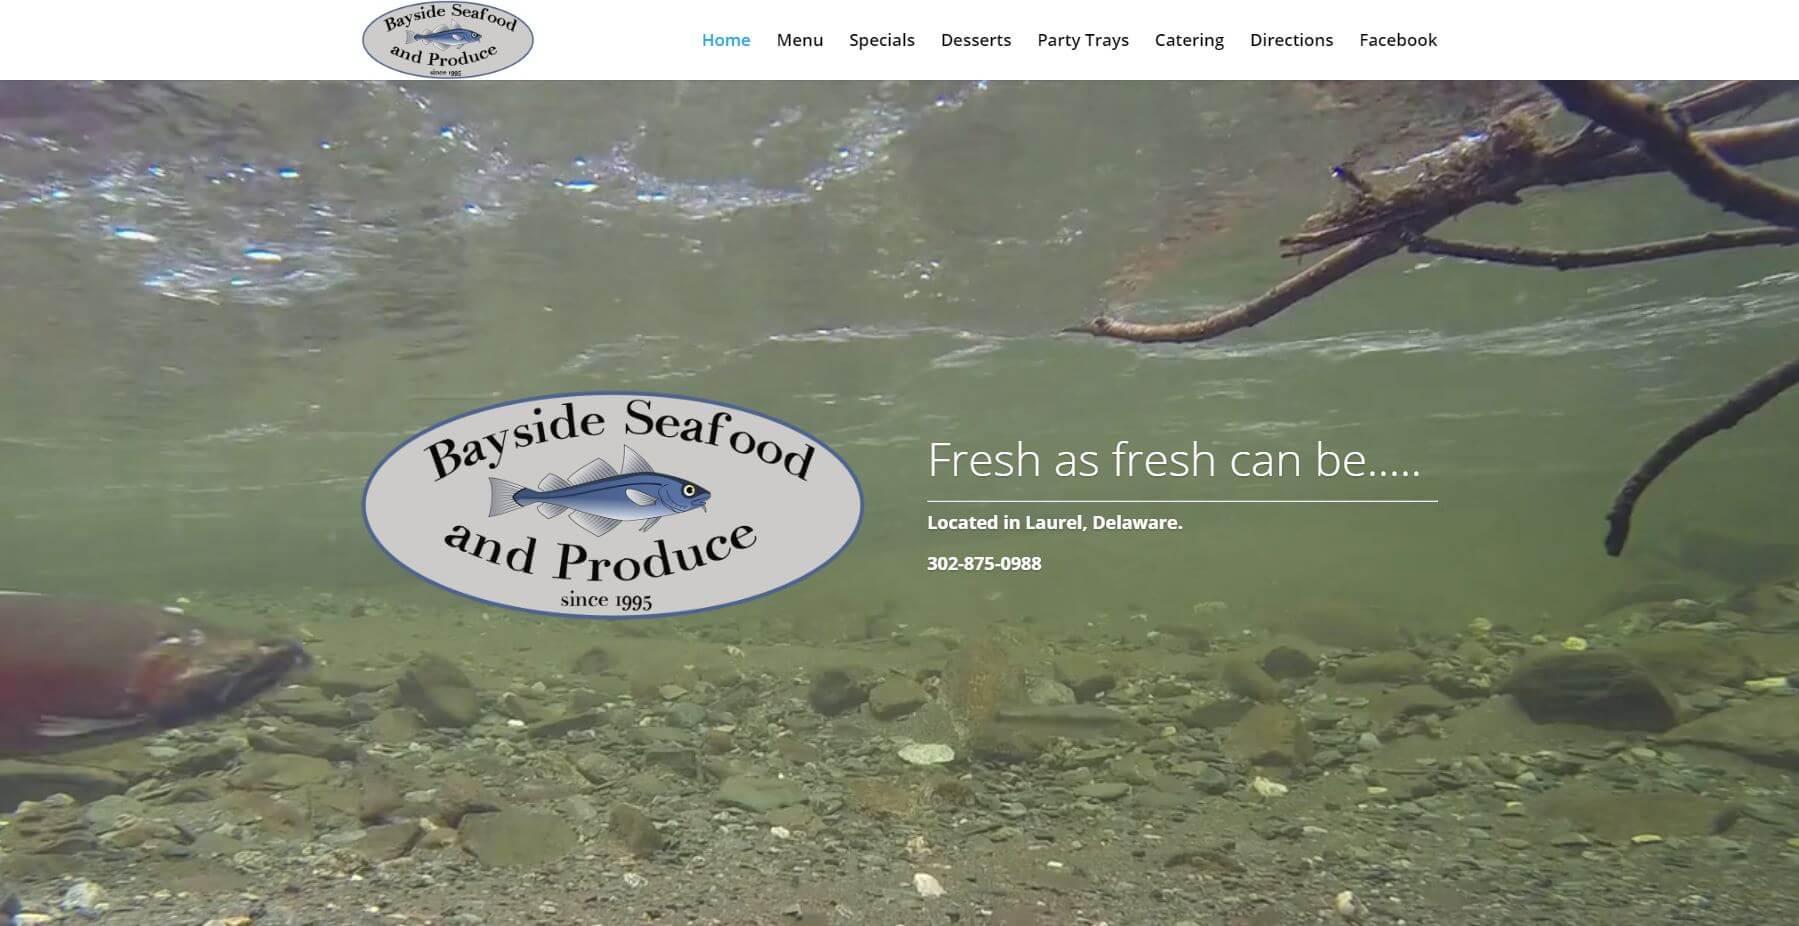 Bayside Seafood